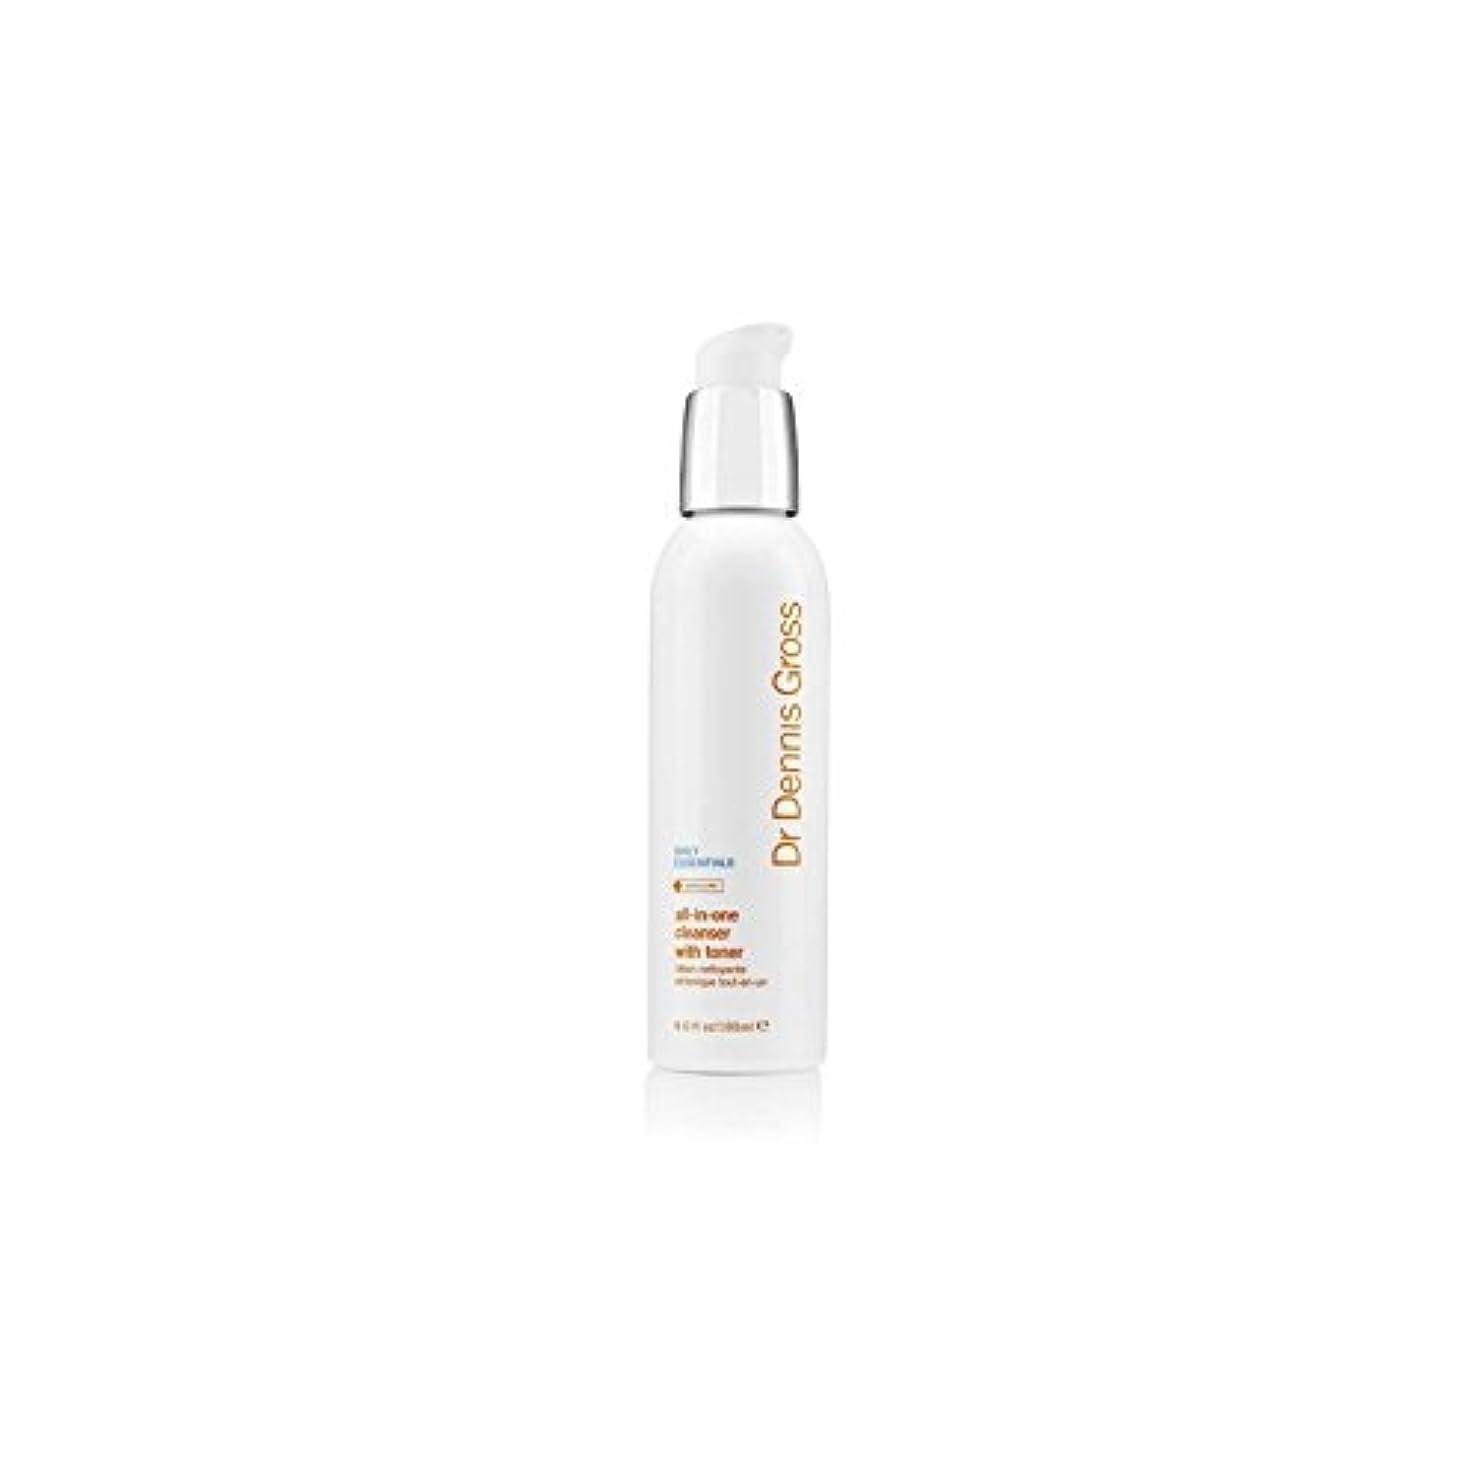 熱帯のプリーツハントデニスグロスオールインワントナー(180ミリリットル)とフェイシャルクレンザー x2 - Dr Dennis Gross All-In-One Facial Cleanser With Toner (180ml) (Pack...